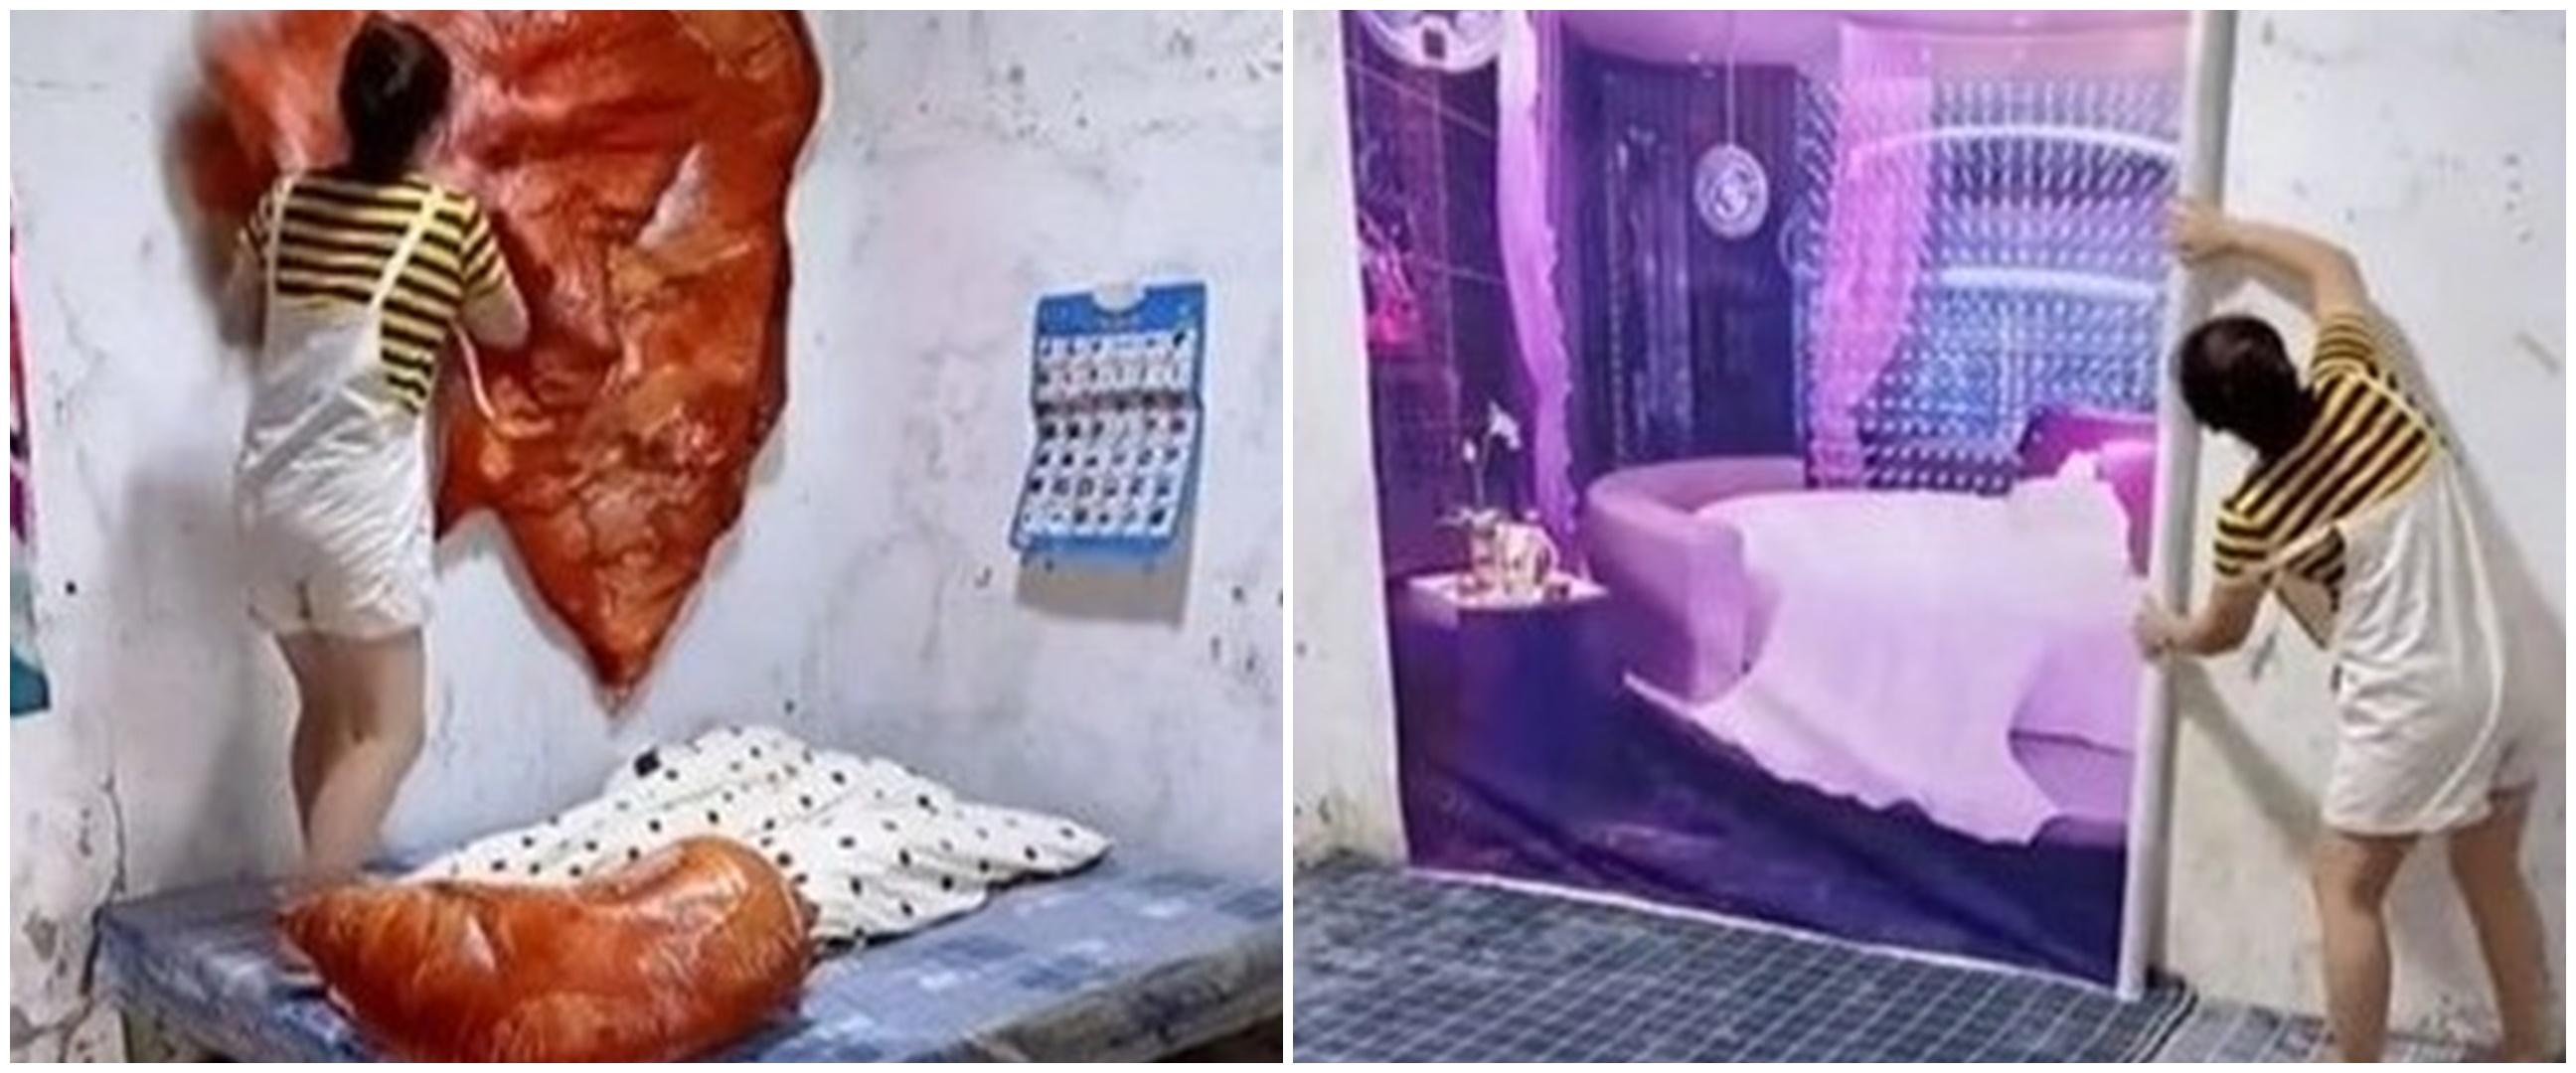 Awalnya penuh sampah, transformasi kamar tidur ini jempolan